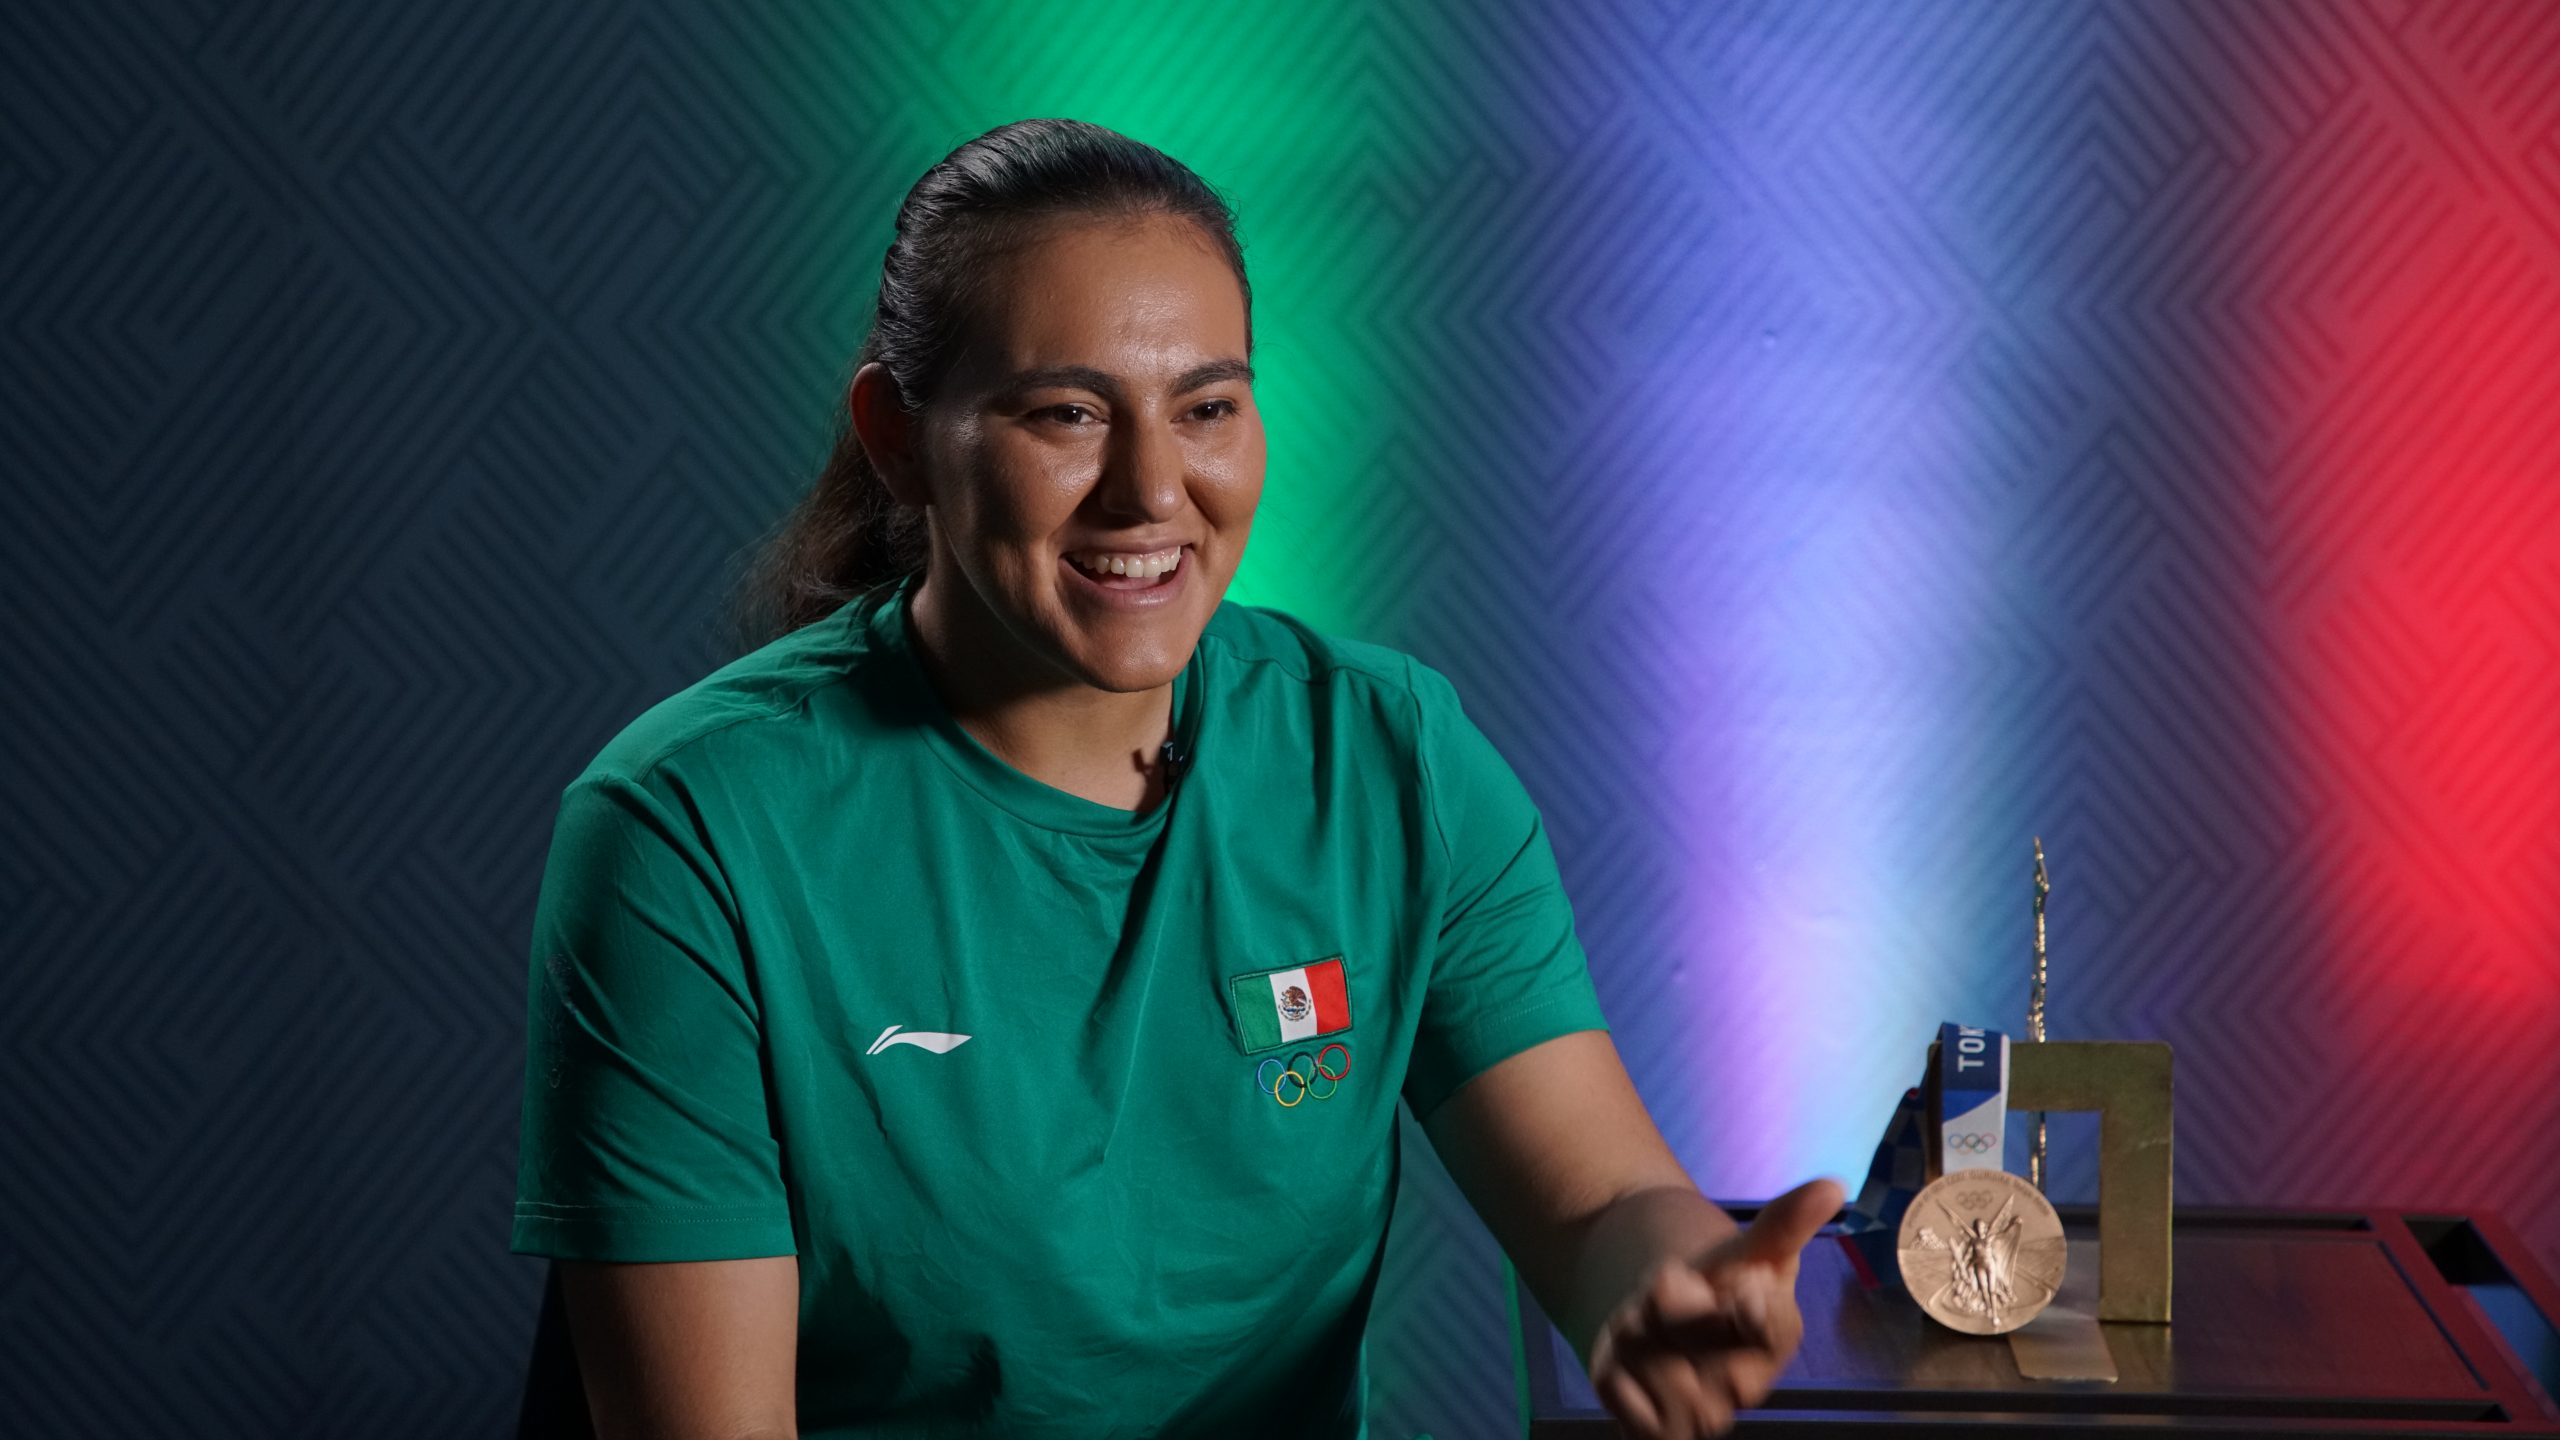 Es un orgullo representar a mi país ante los ojos del mundo: Alejandra Valencia, medallista olímpica